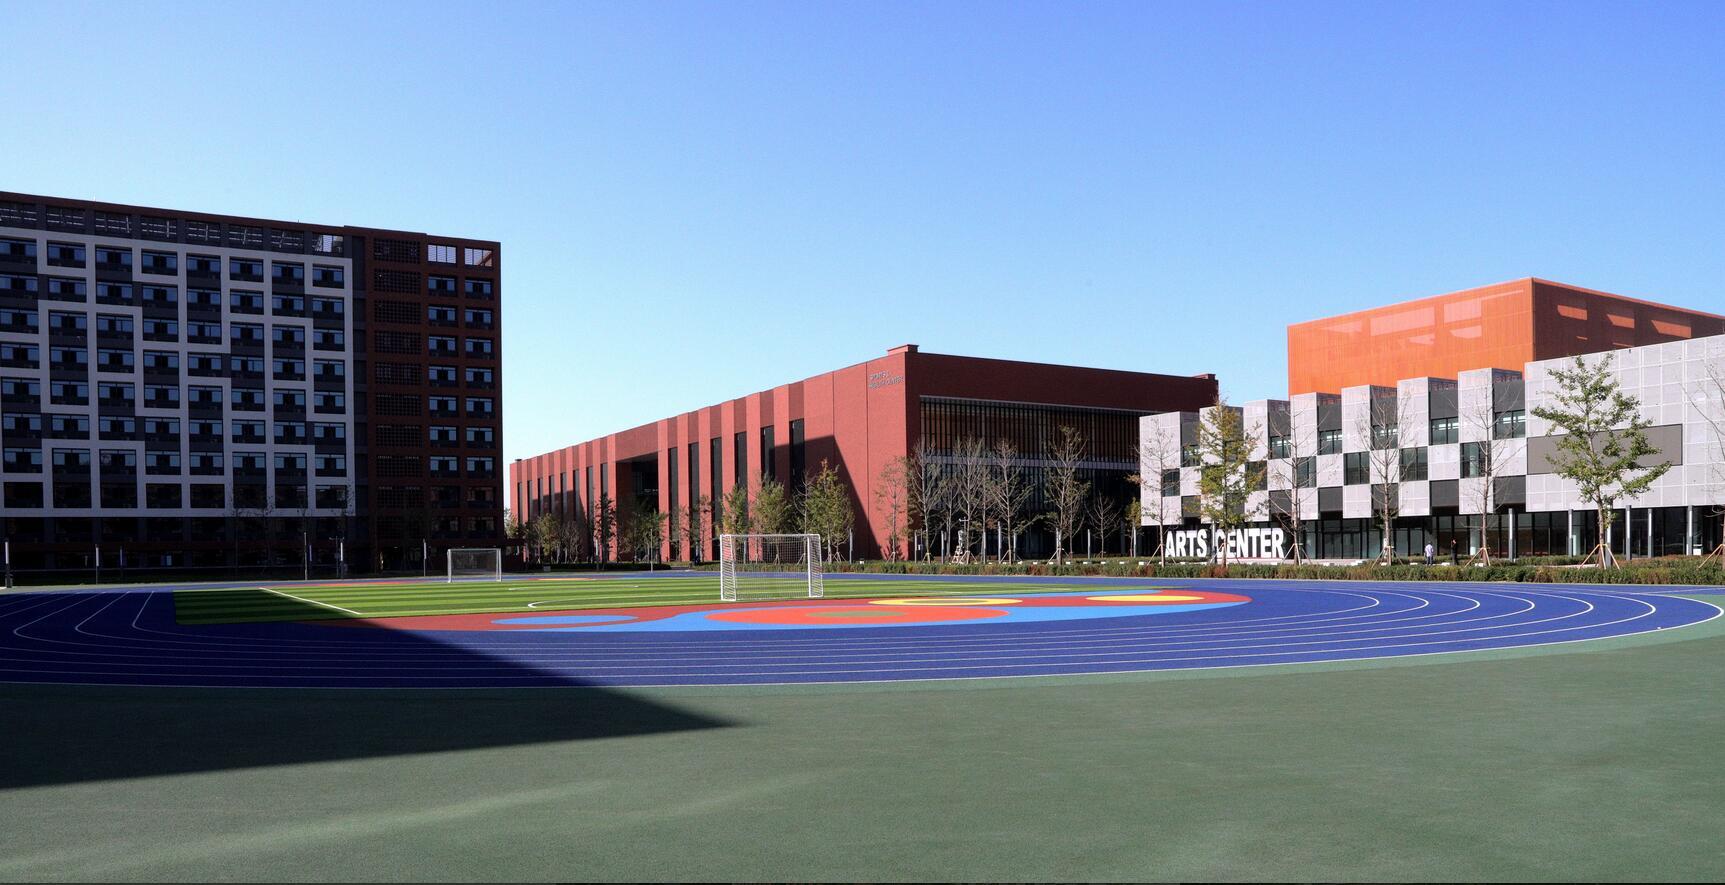 北京凯文学校艺术教学楼